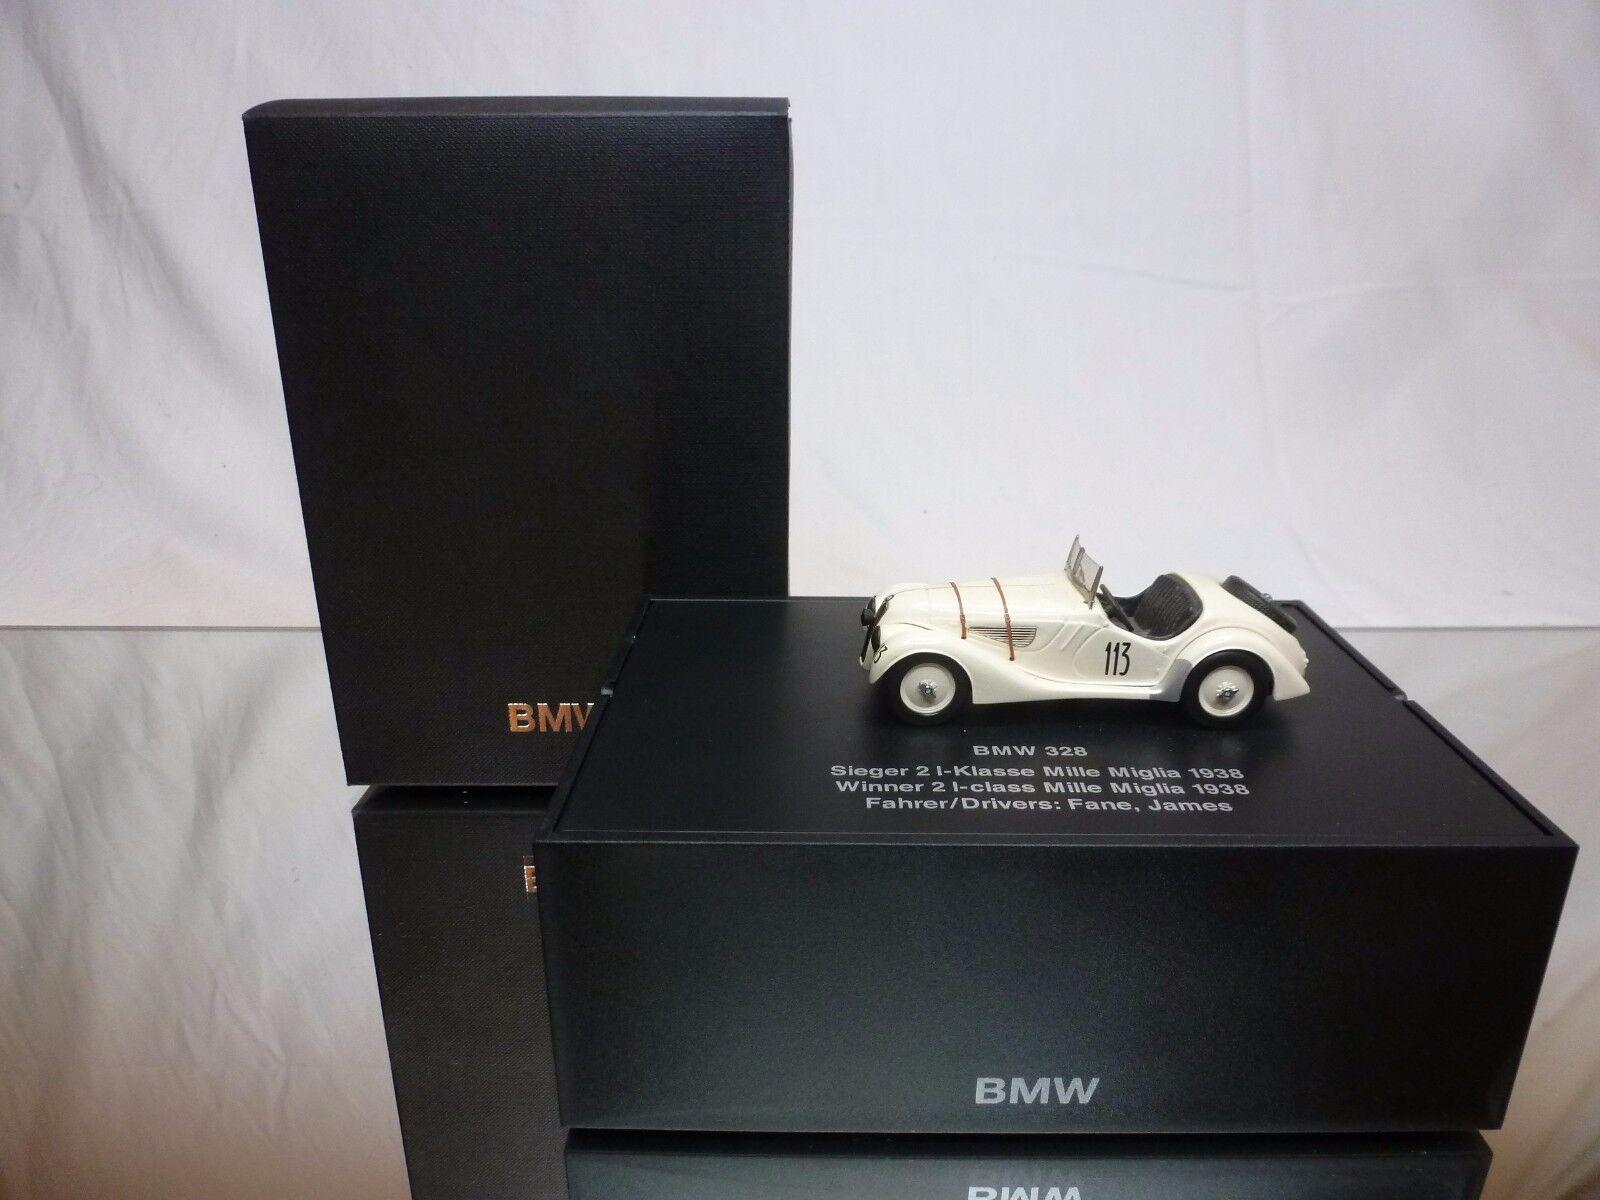 SCHUCO BMW 328 WINNER 2L CLASS MILLE MIGLIA 1938 - 1:43 EXCELLENT IN DEALER BOX